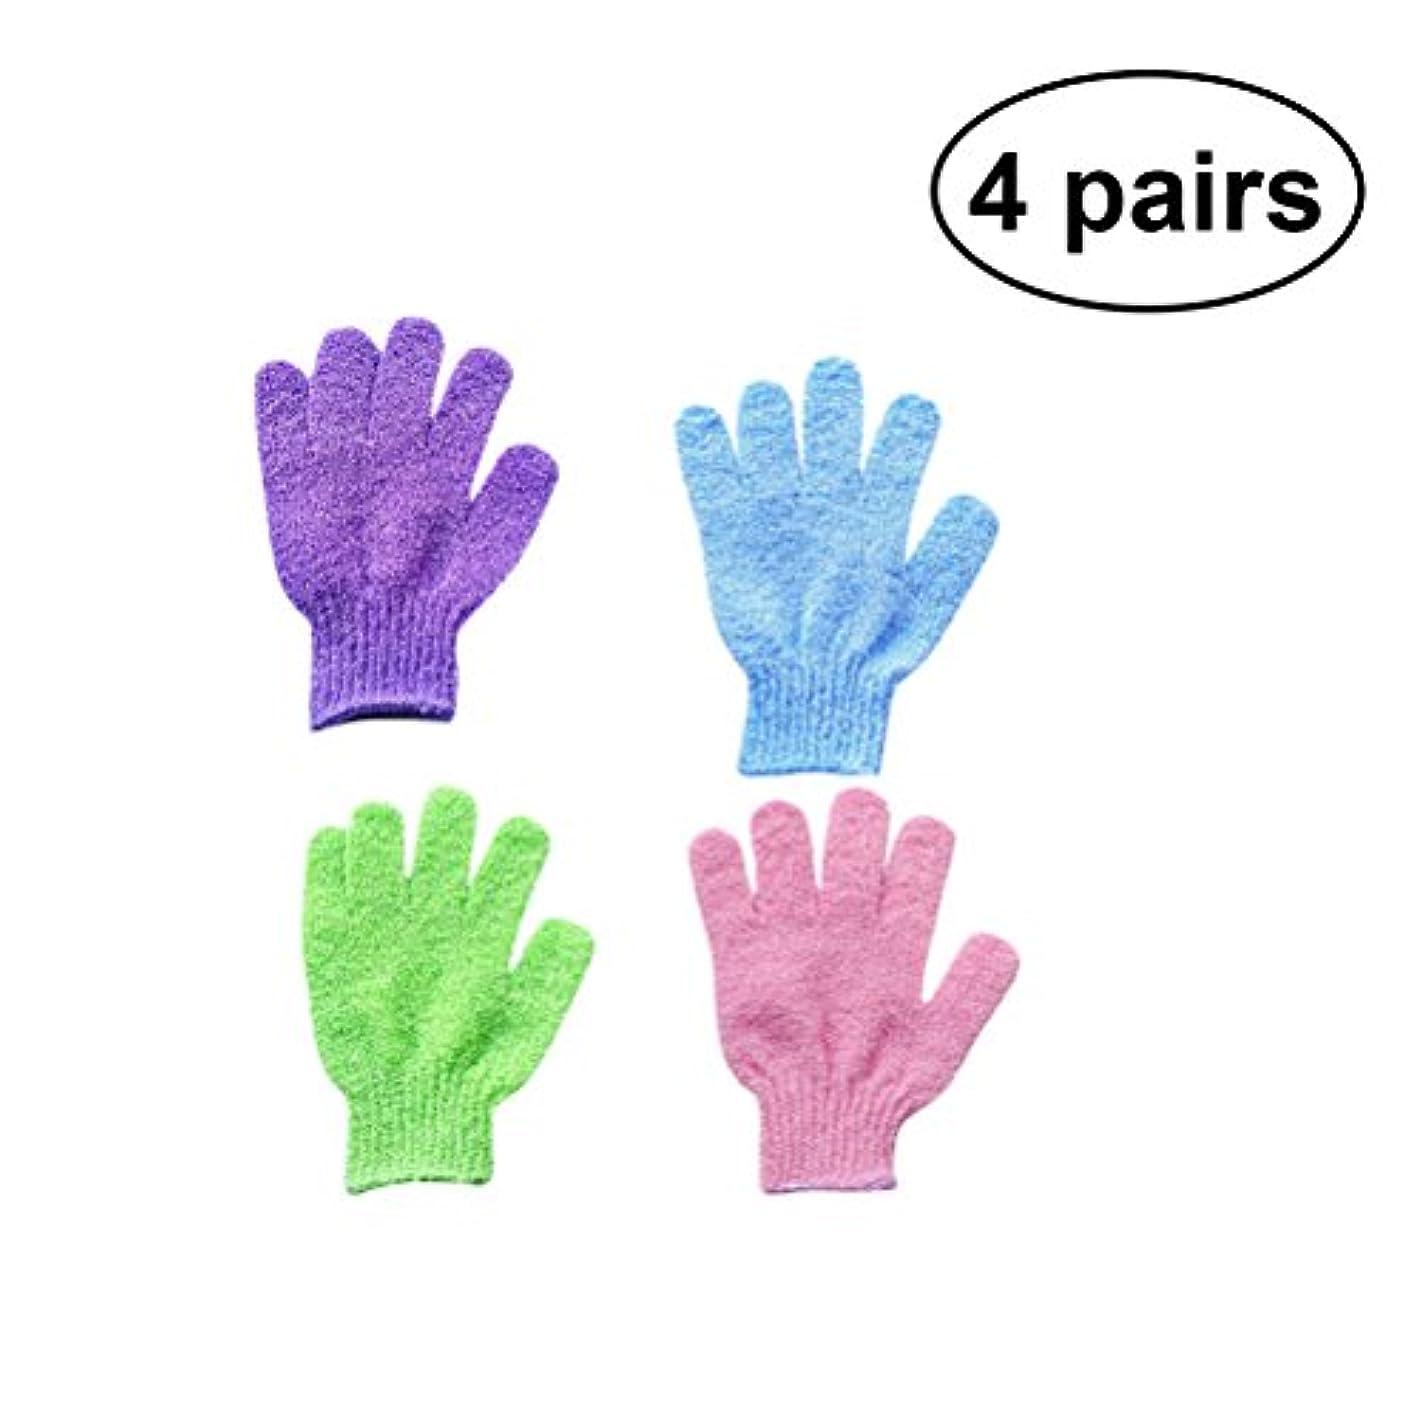 なんでも厚さ衝突コースHealifty 4 Pairs Exfoliating Bath Gloves Shower Mitts Exfoliating Body Spa Massage Dead Skin Cell Remover